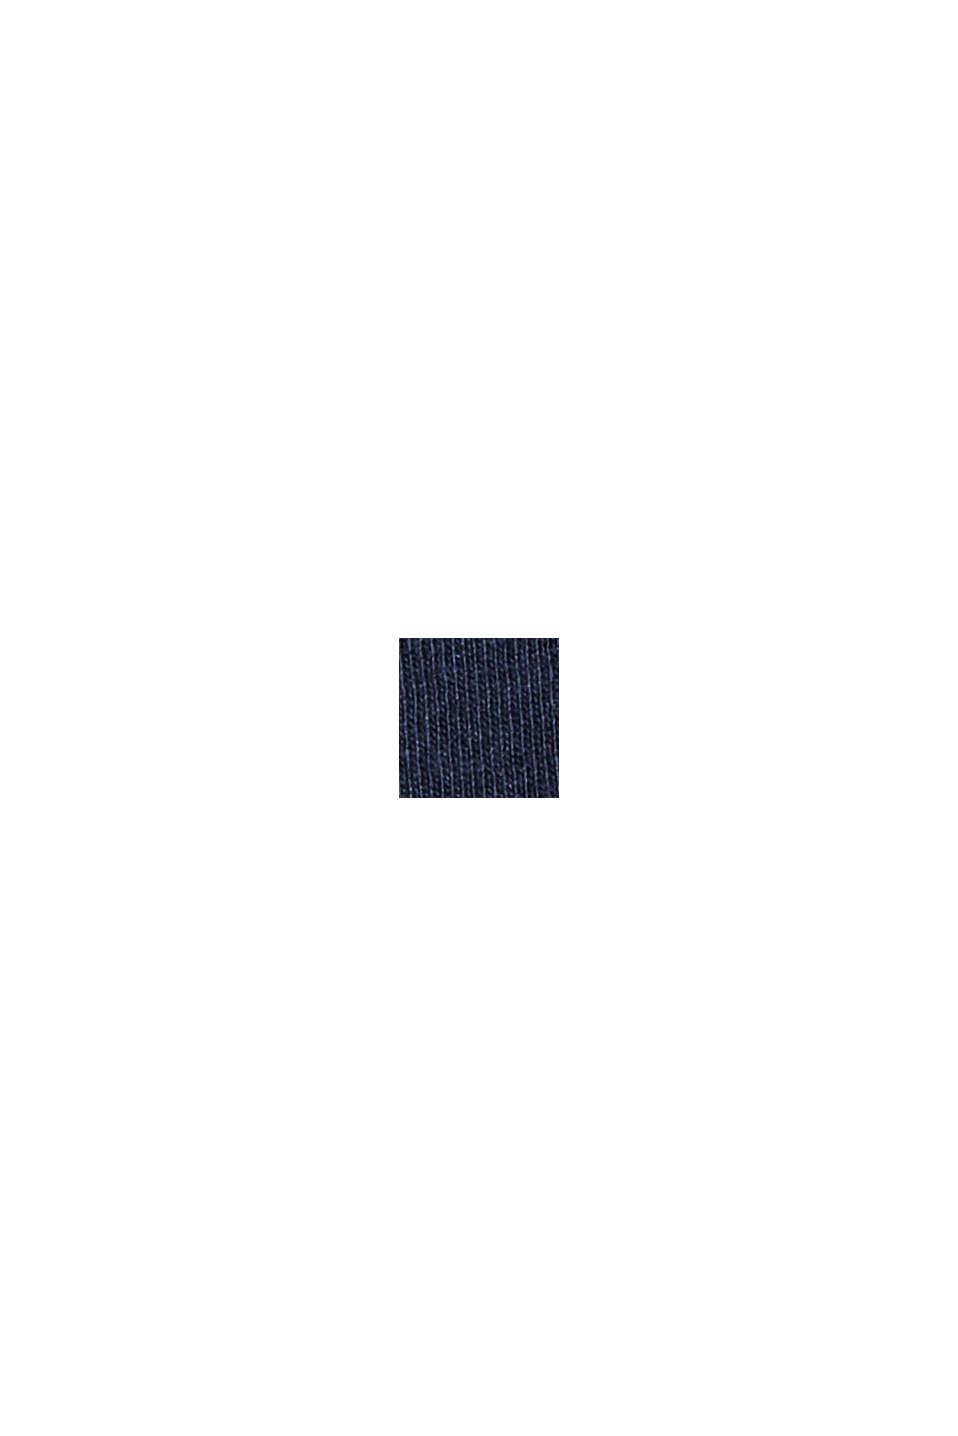 Maglia a maniche lunghe con stampa di cuore, 100% cotone biologico, NAVY, swatch